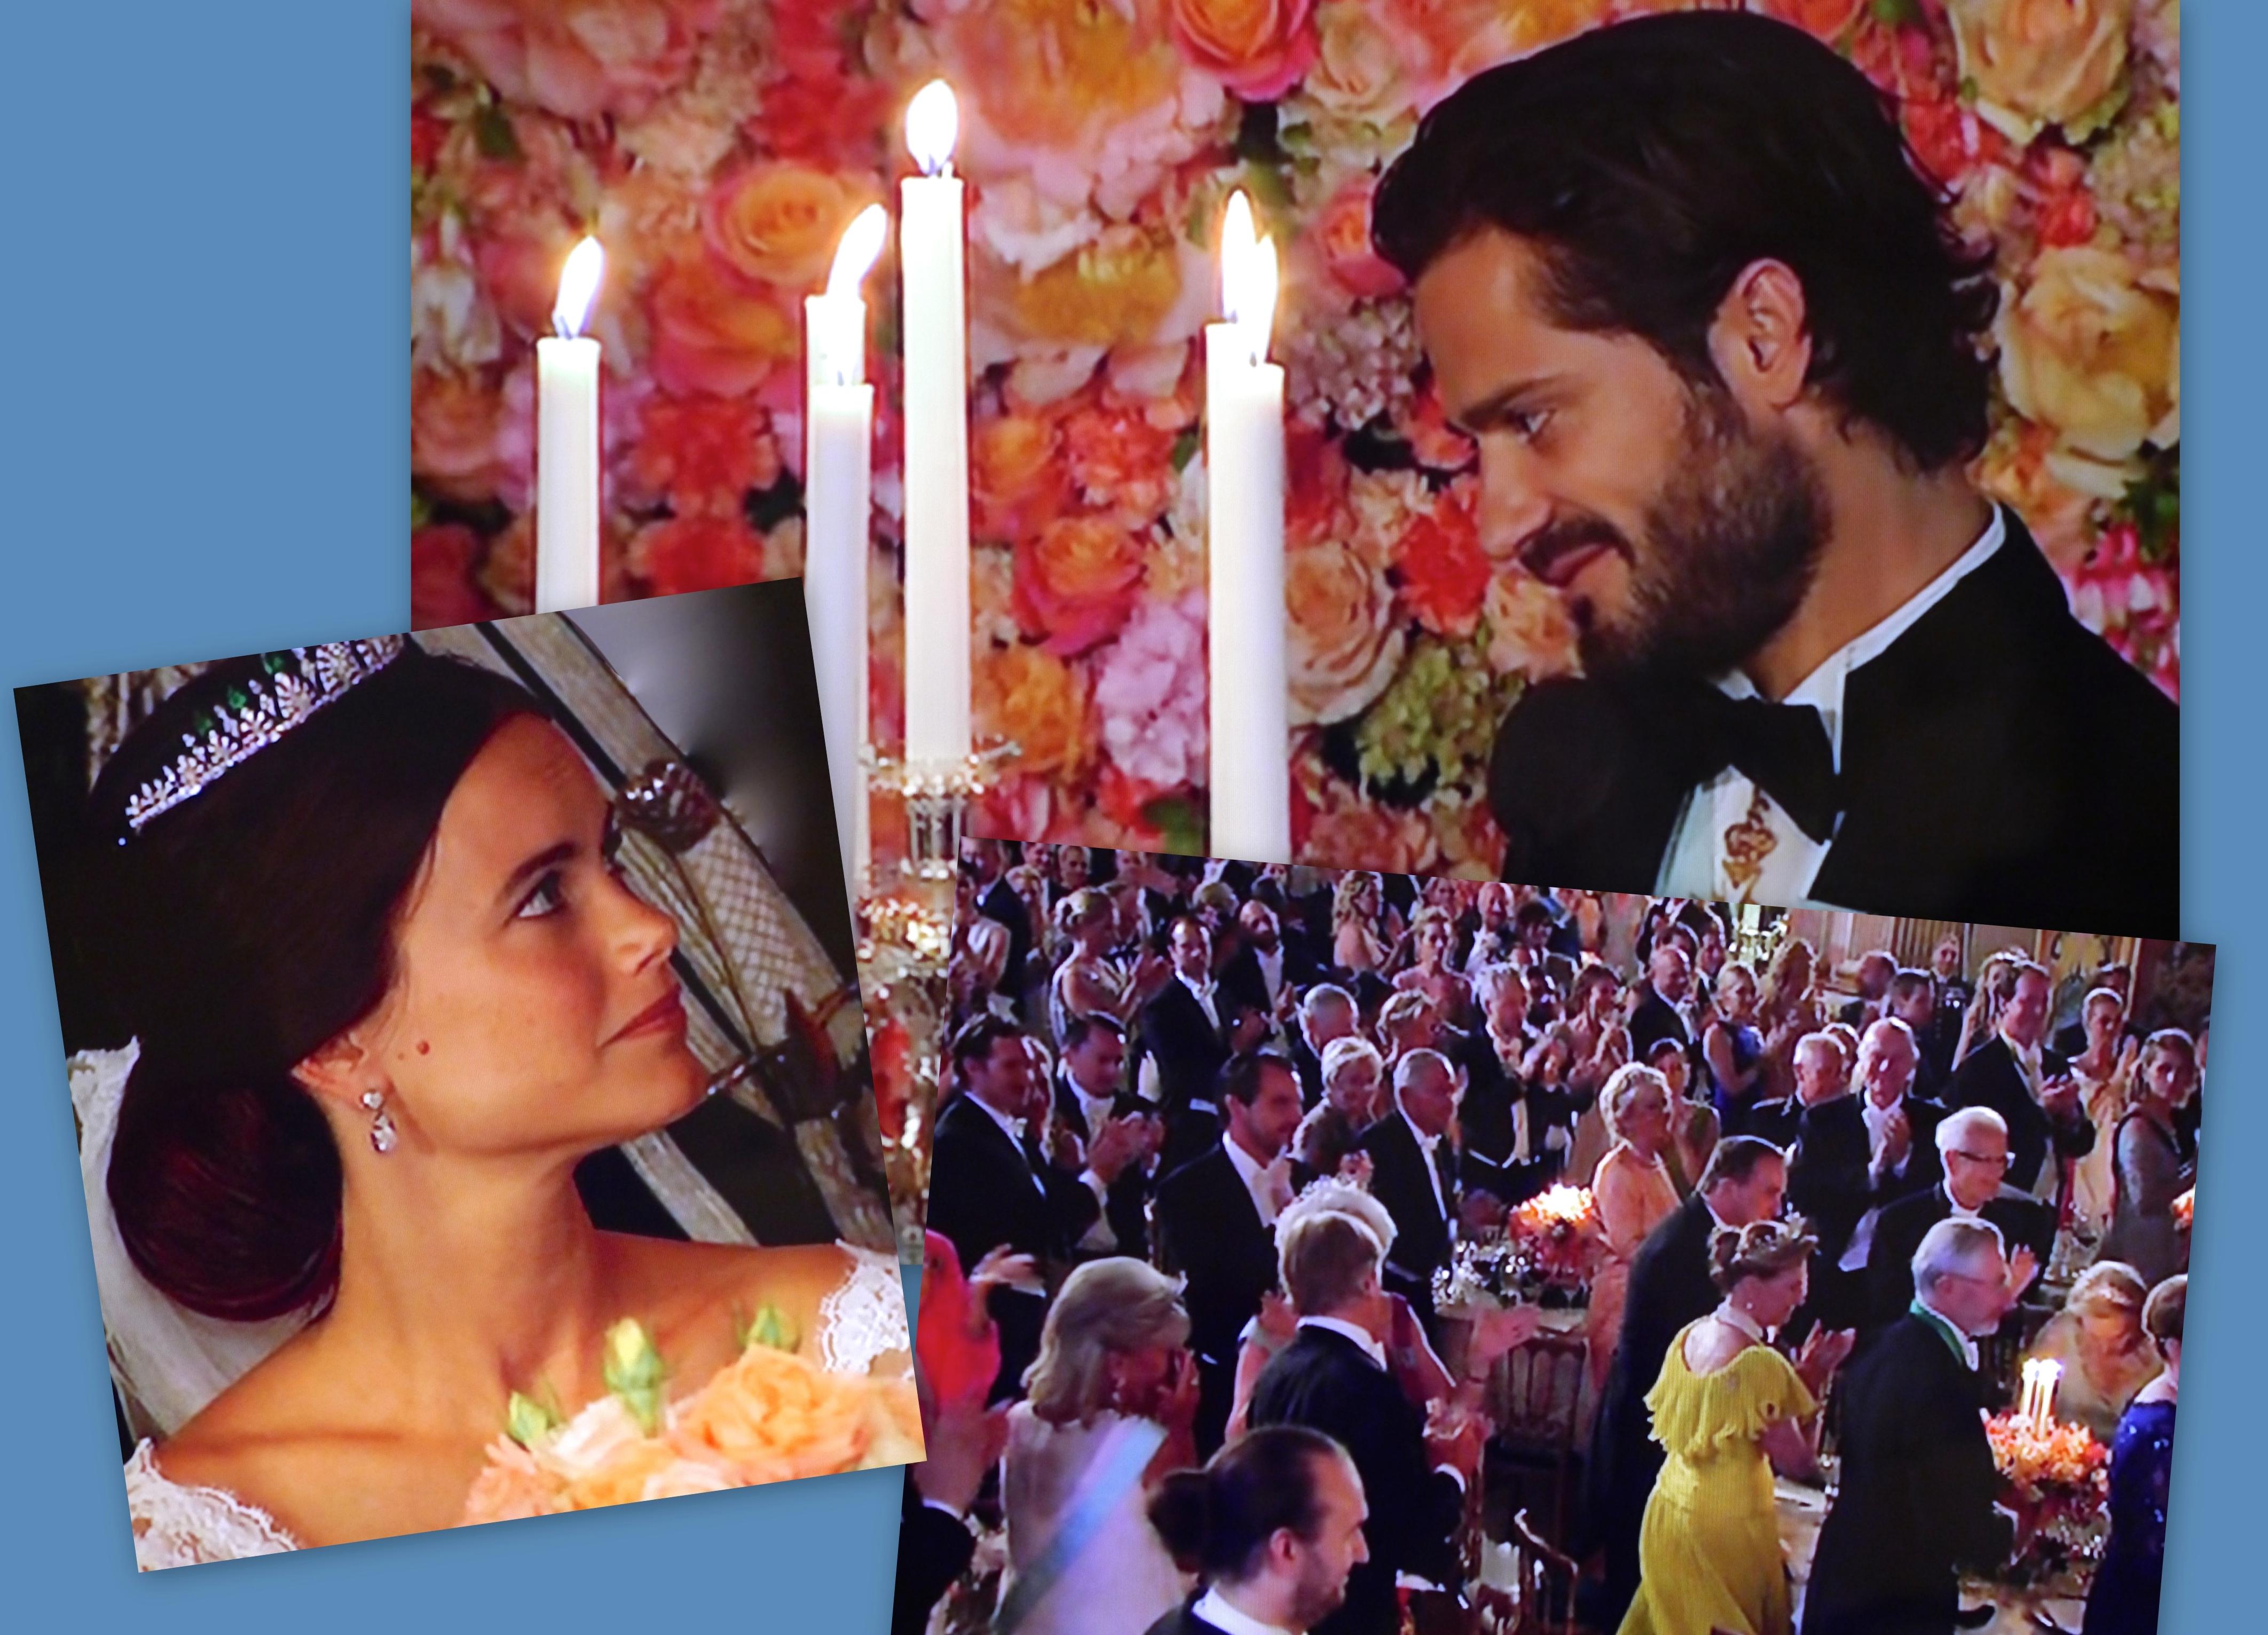 Färdiga Bröllopstal Gratis Dejtingsajter